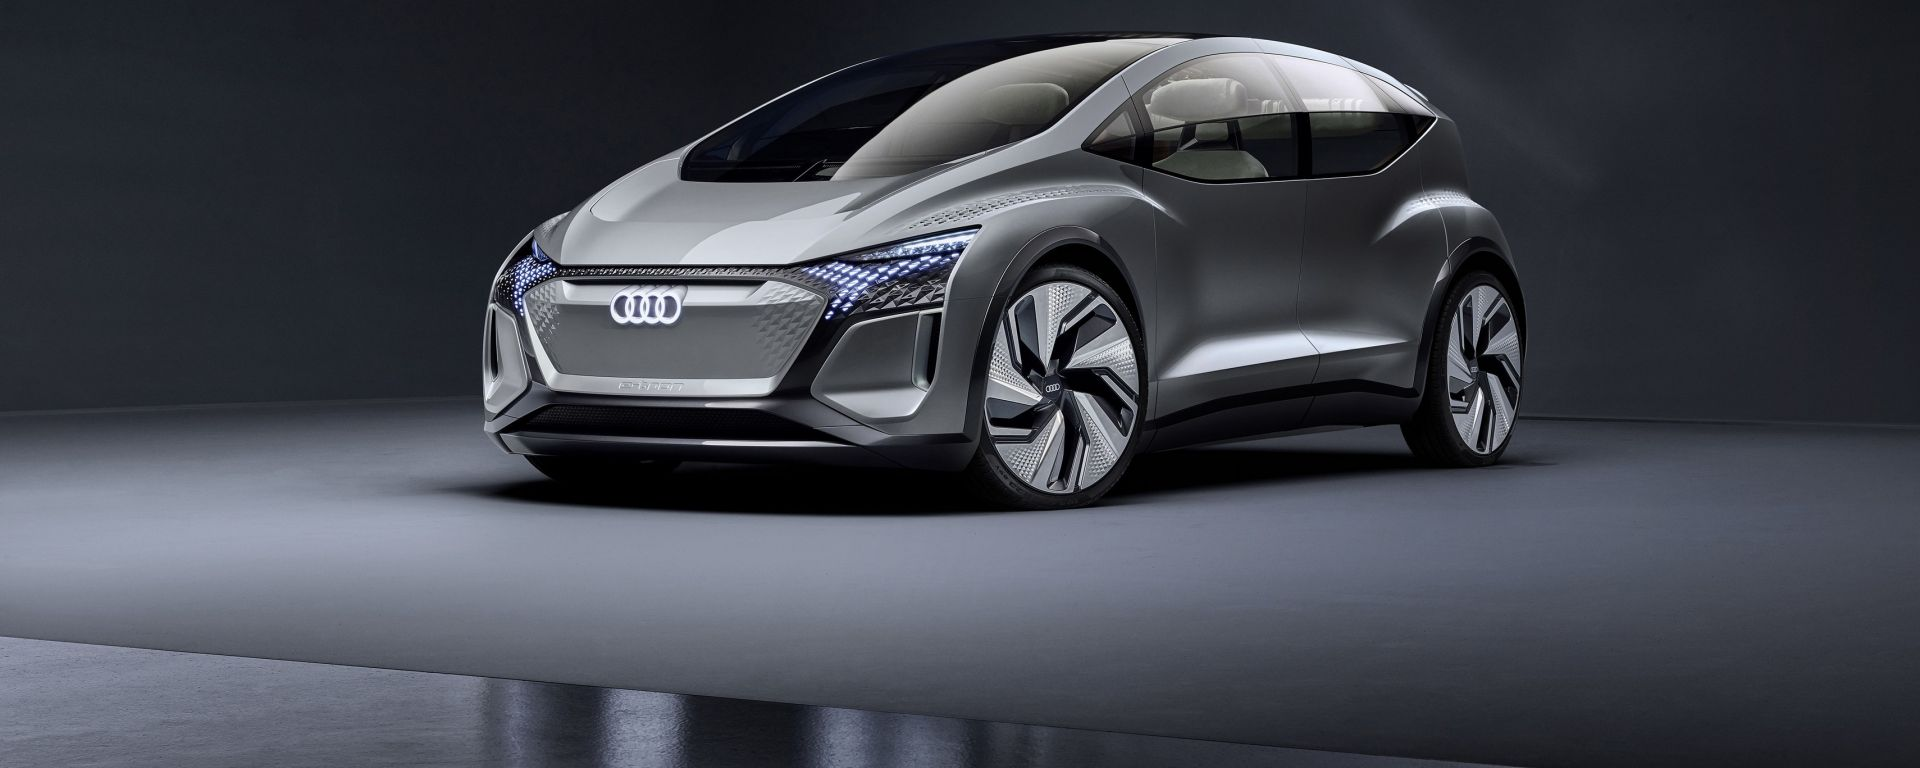 Audi AI:MI concept